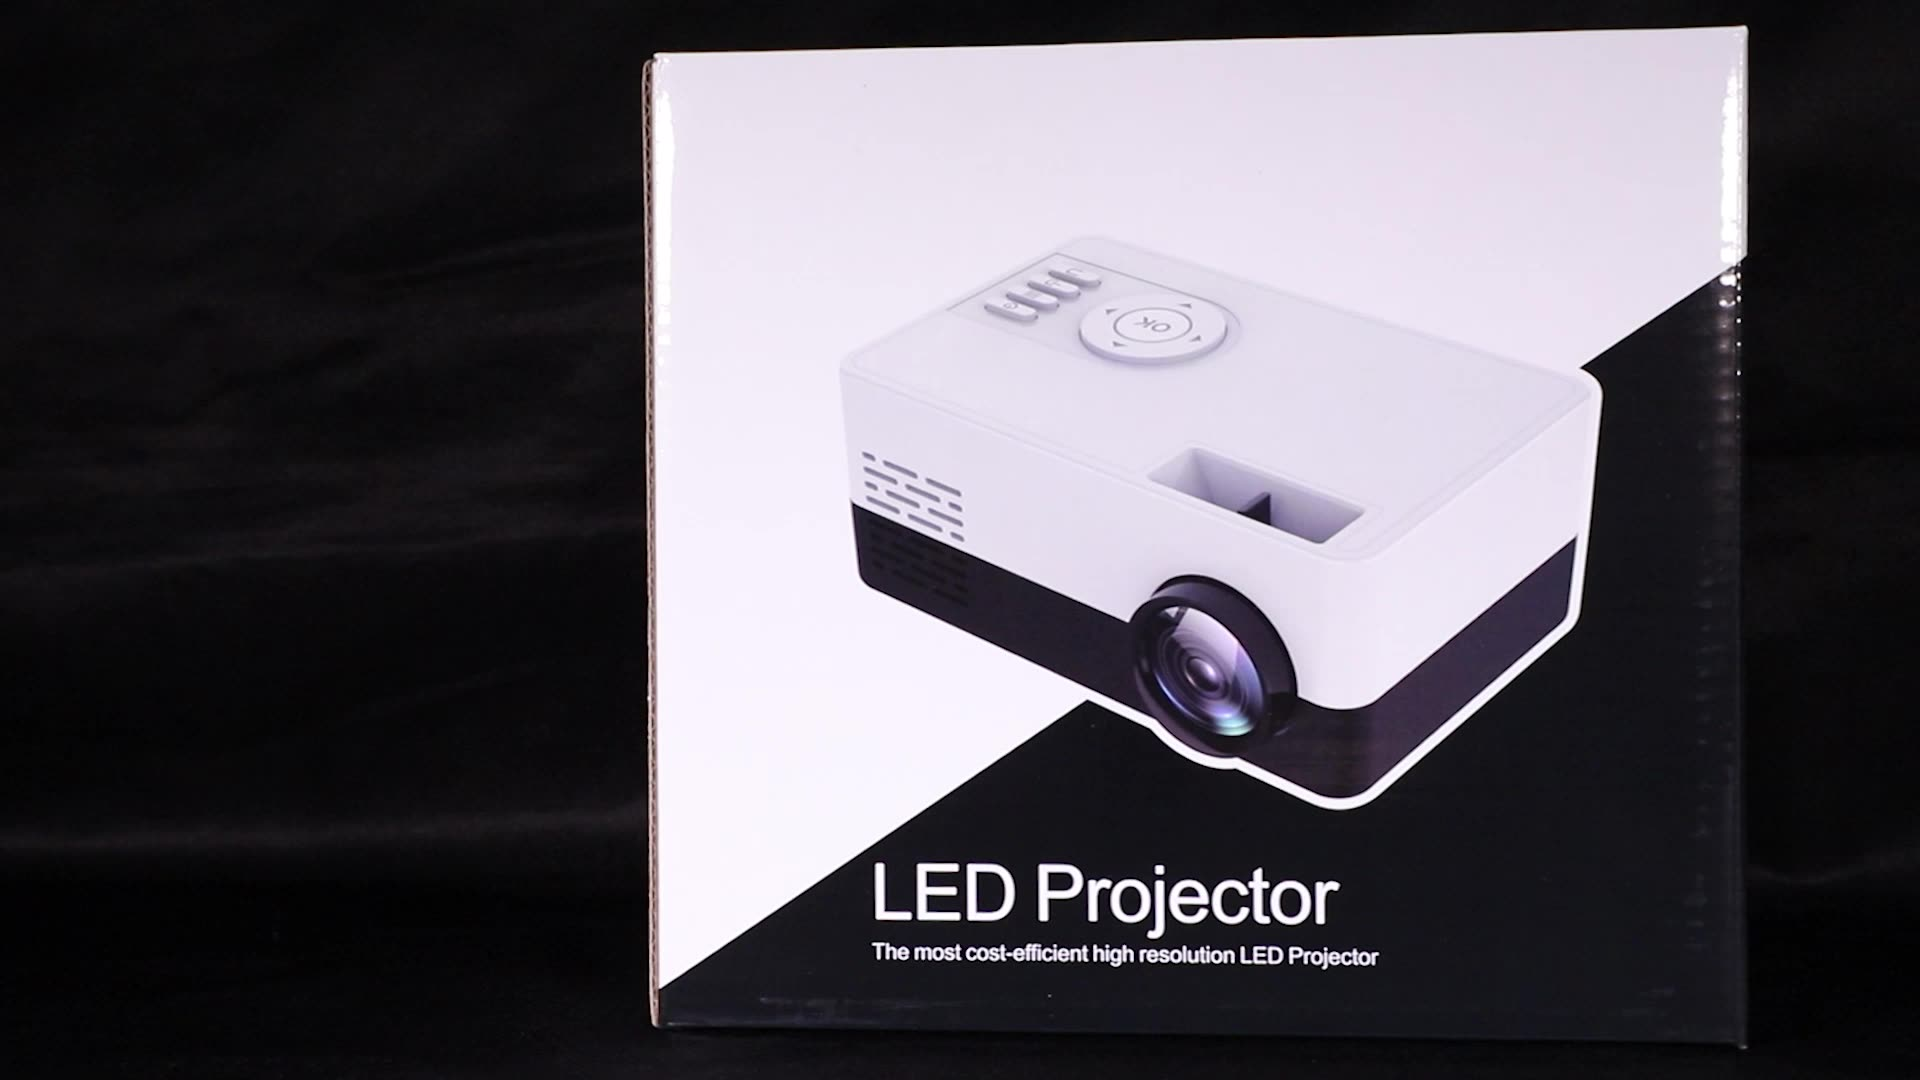 2020 Salange беспроводной супер Проекционные мини-проектор USB настенное зарядное устройство для смартфон планшеты дома ТВ луч с 1000 люмен 1080p 4K проекторы